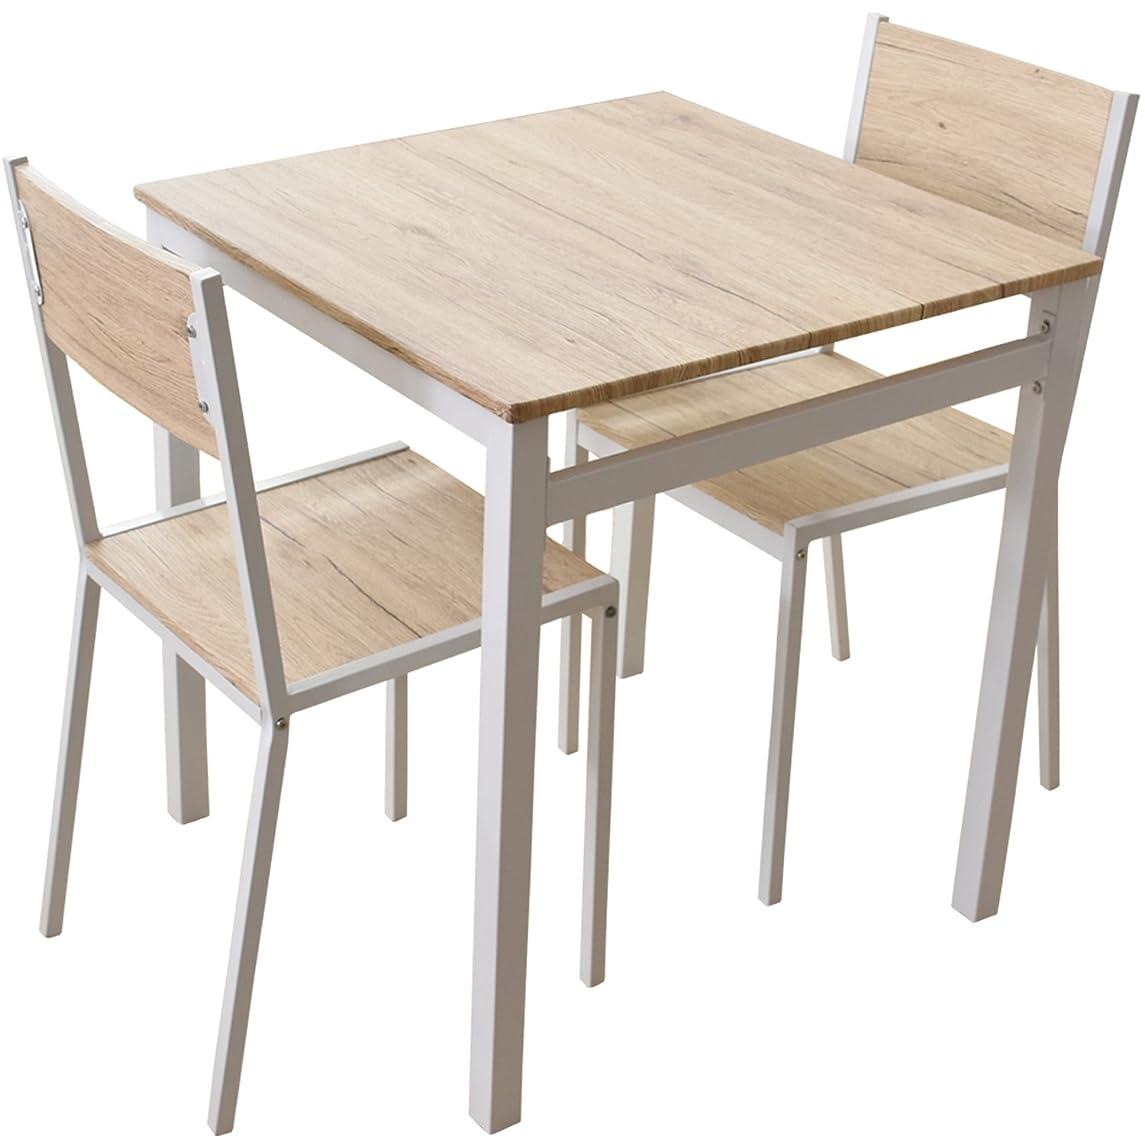 思いつく抑制曲げるDORIS ダイニングテーブル 2人用 3点セット 幅70 テーブル&チェア 組立式 ナチュラル スクエア